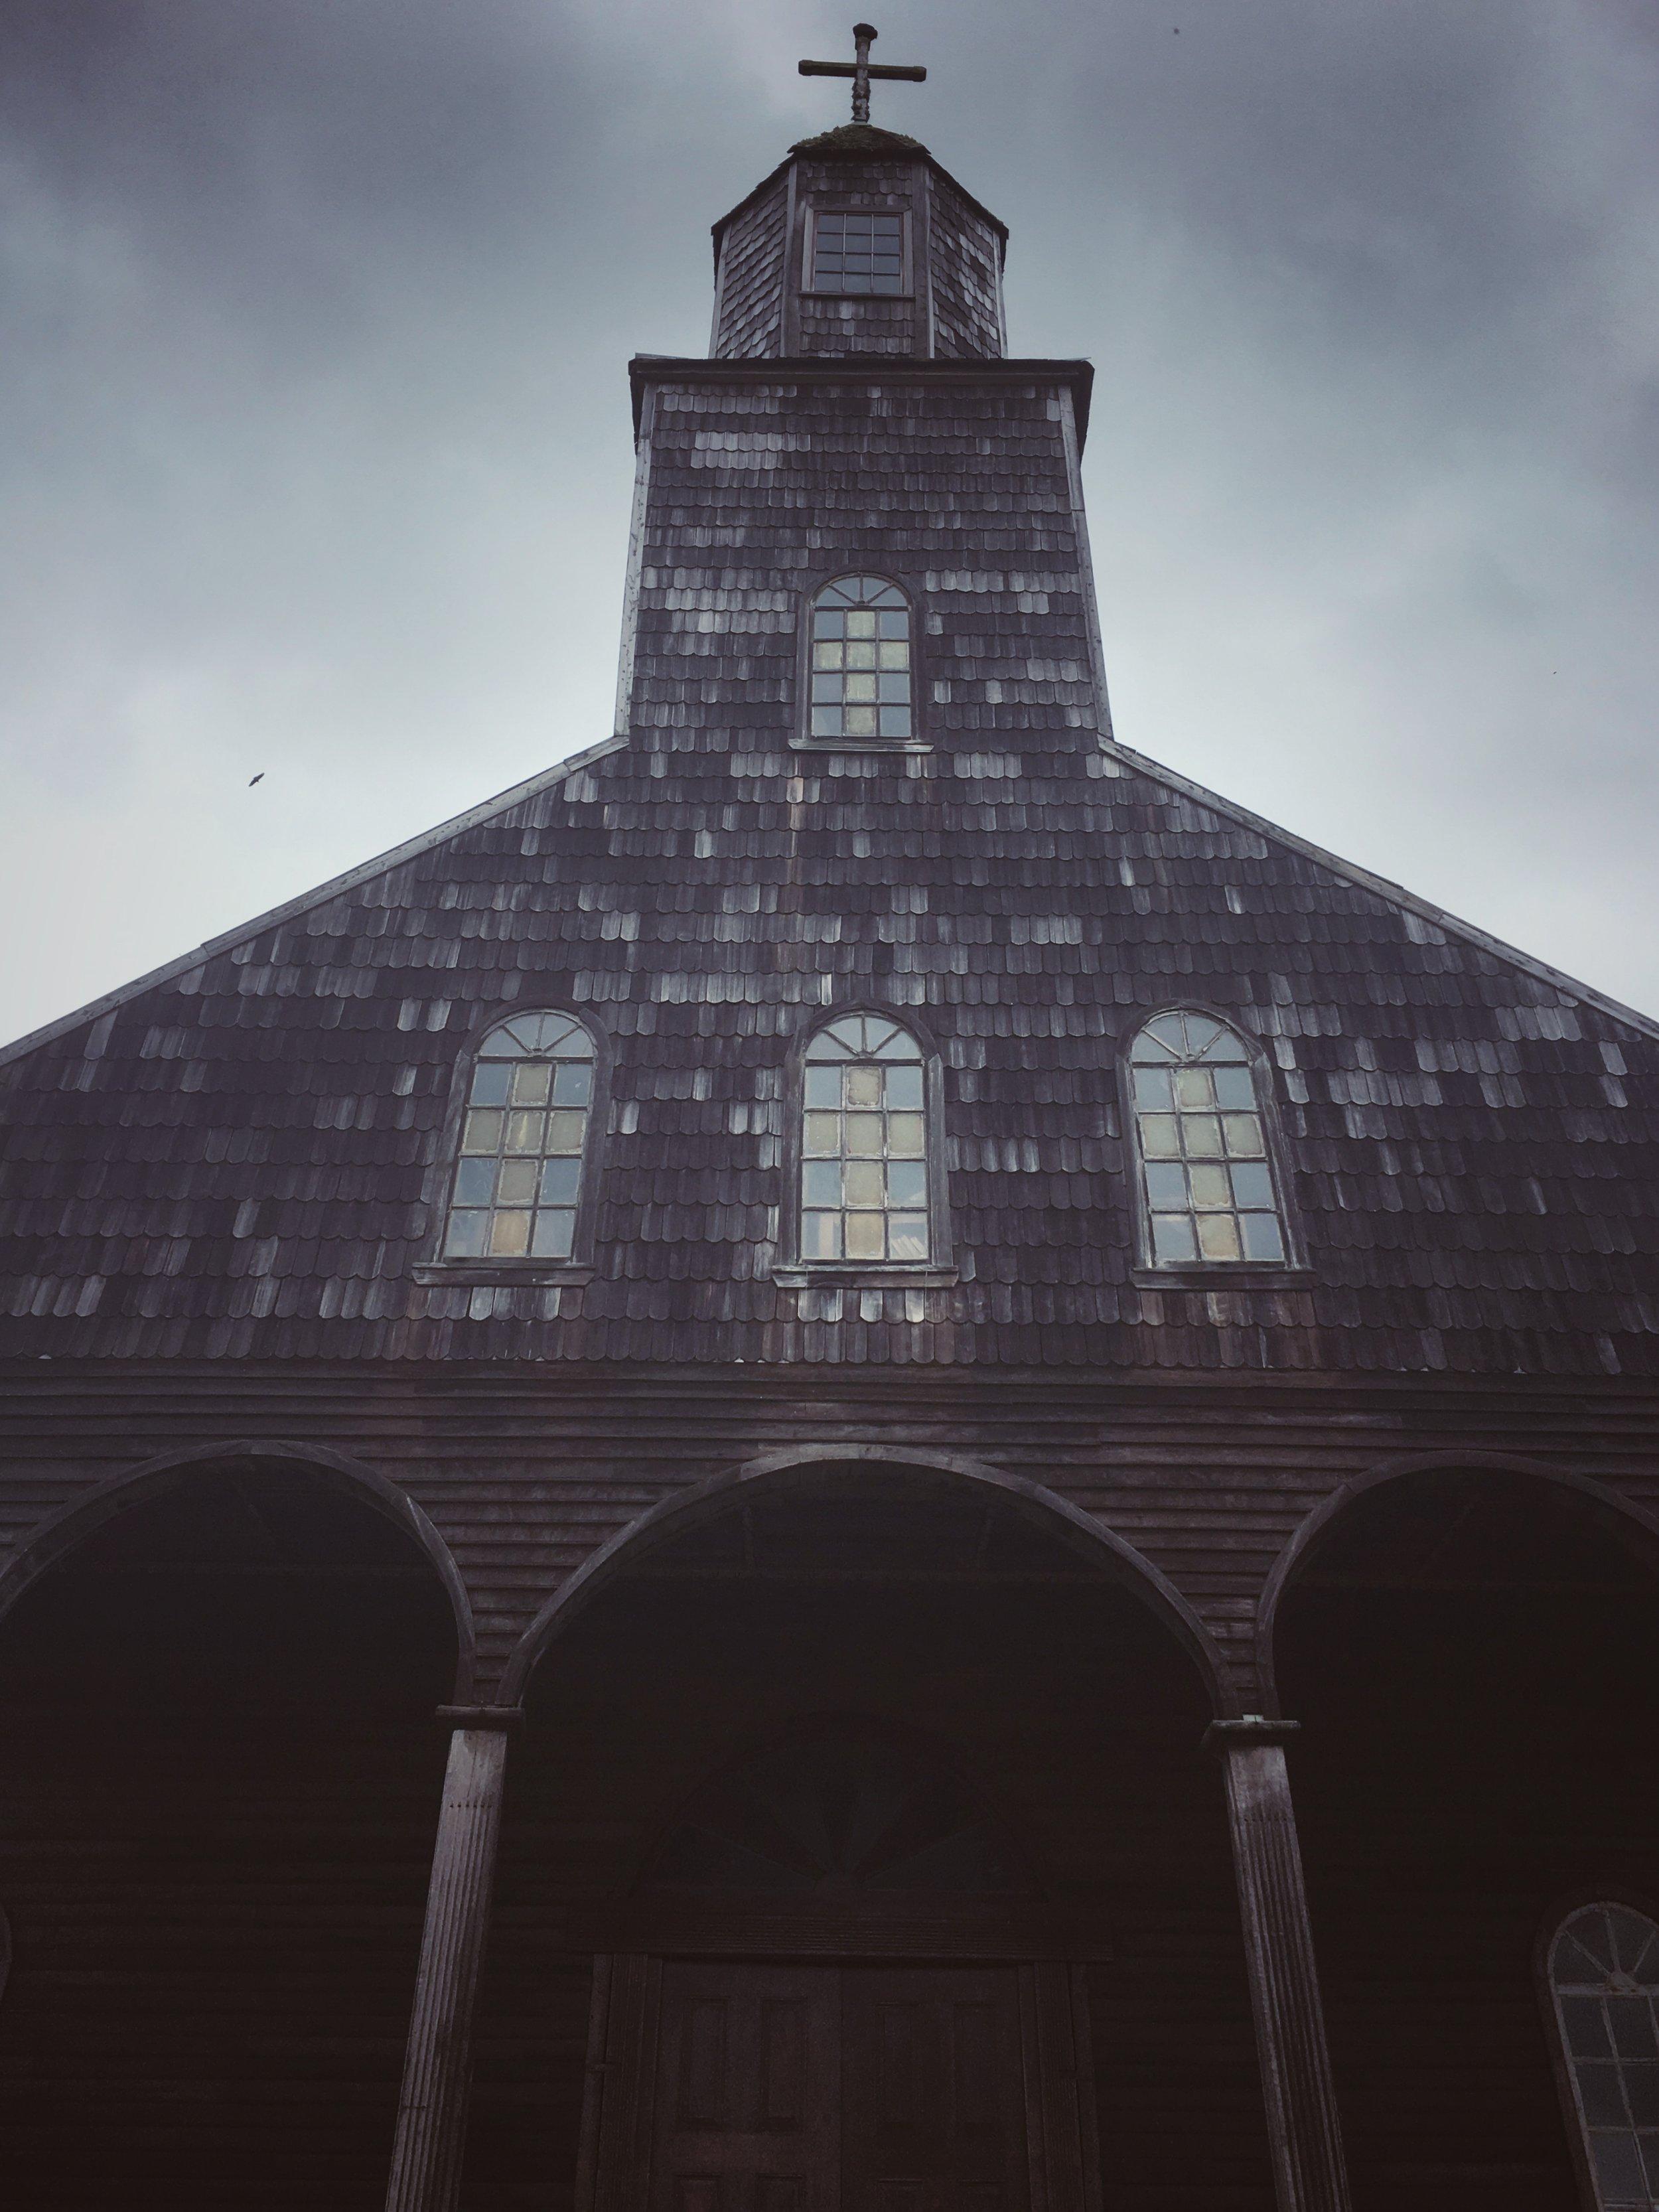 Iglesia de Santa Maria de Loreto, Achao mid fumigation